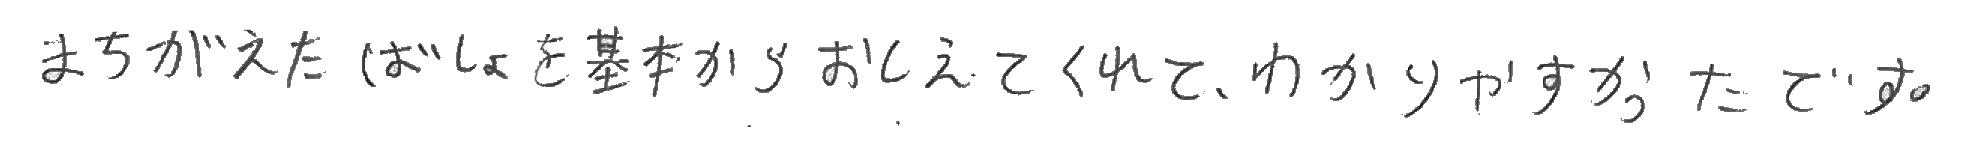 H君(大飯郡おおい町)からの口コミ